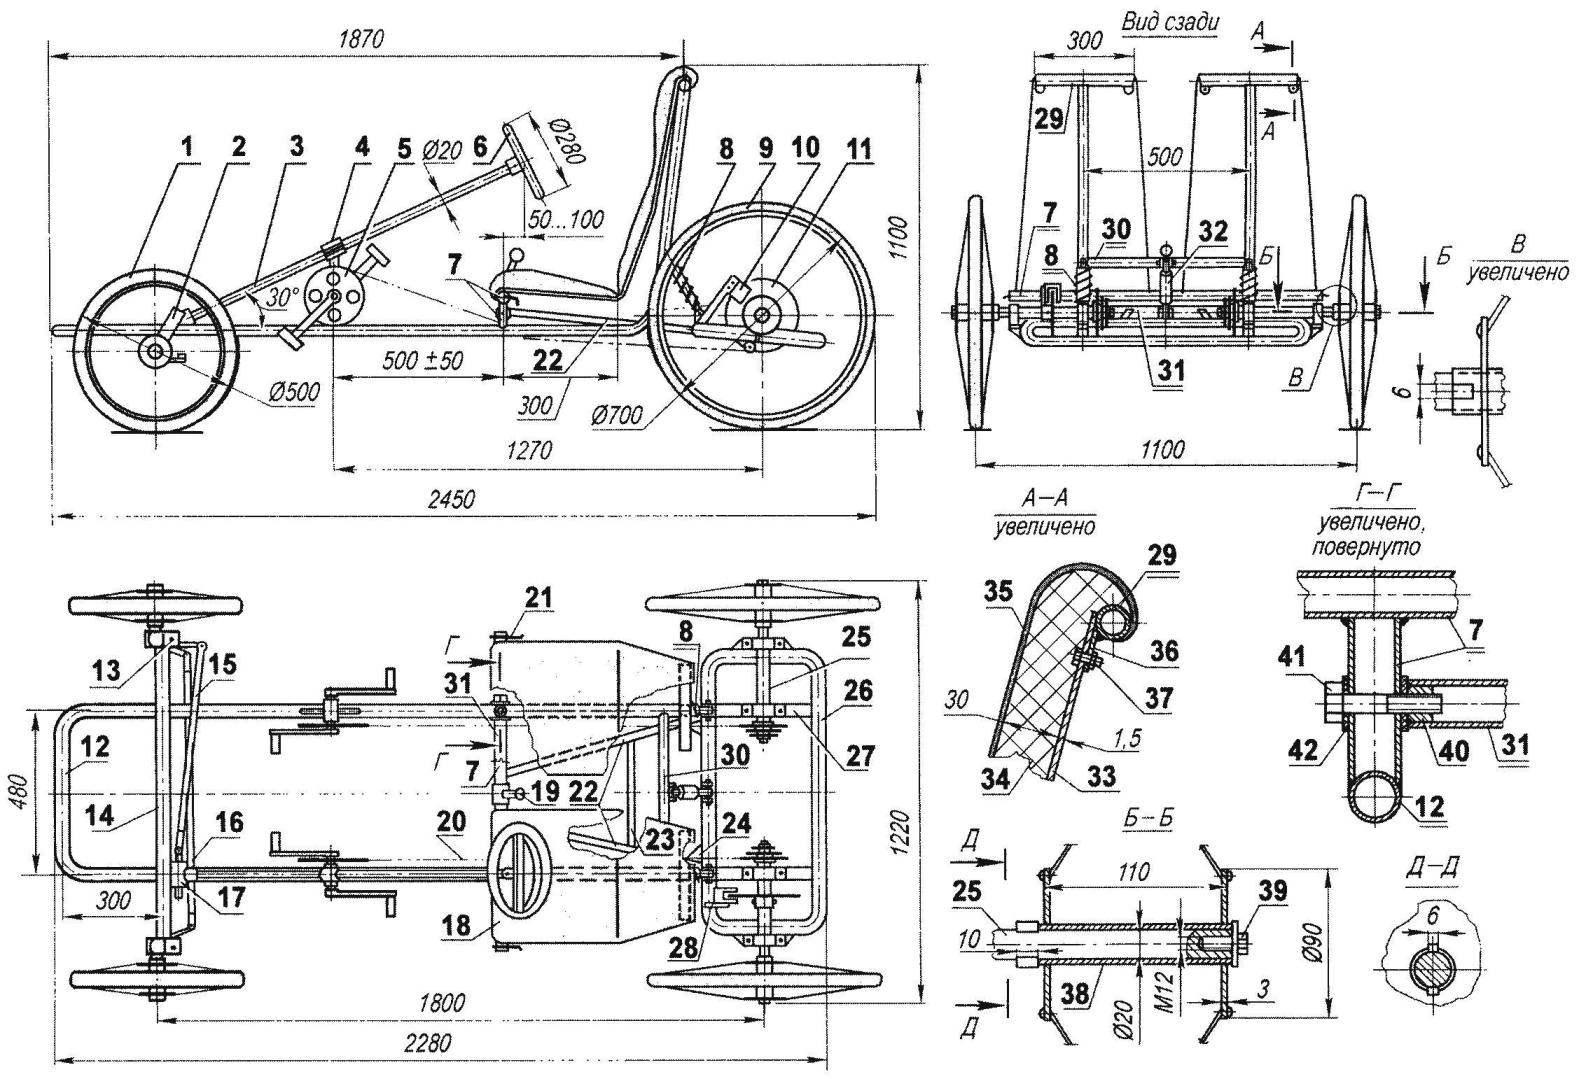 Двухместный, четырехколесный, двухприводной веломобиль с мягкой подвеской всех колес